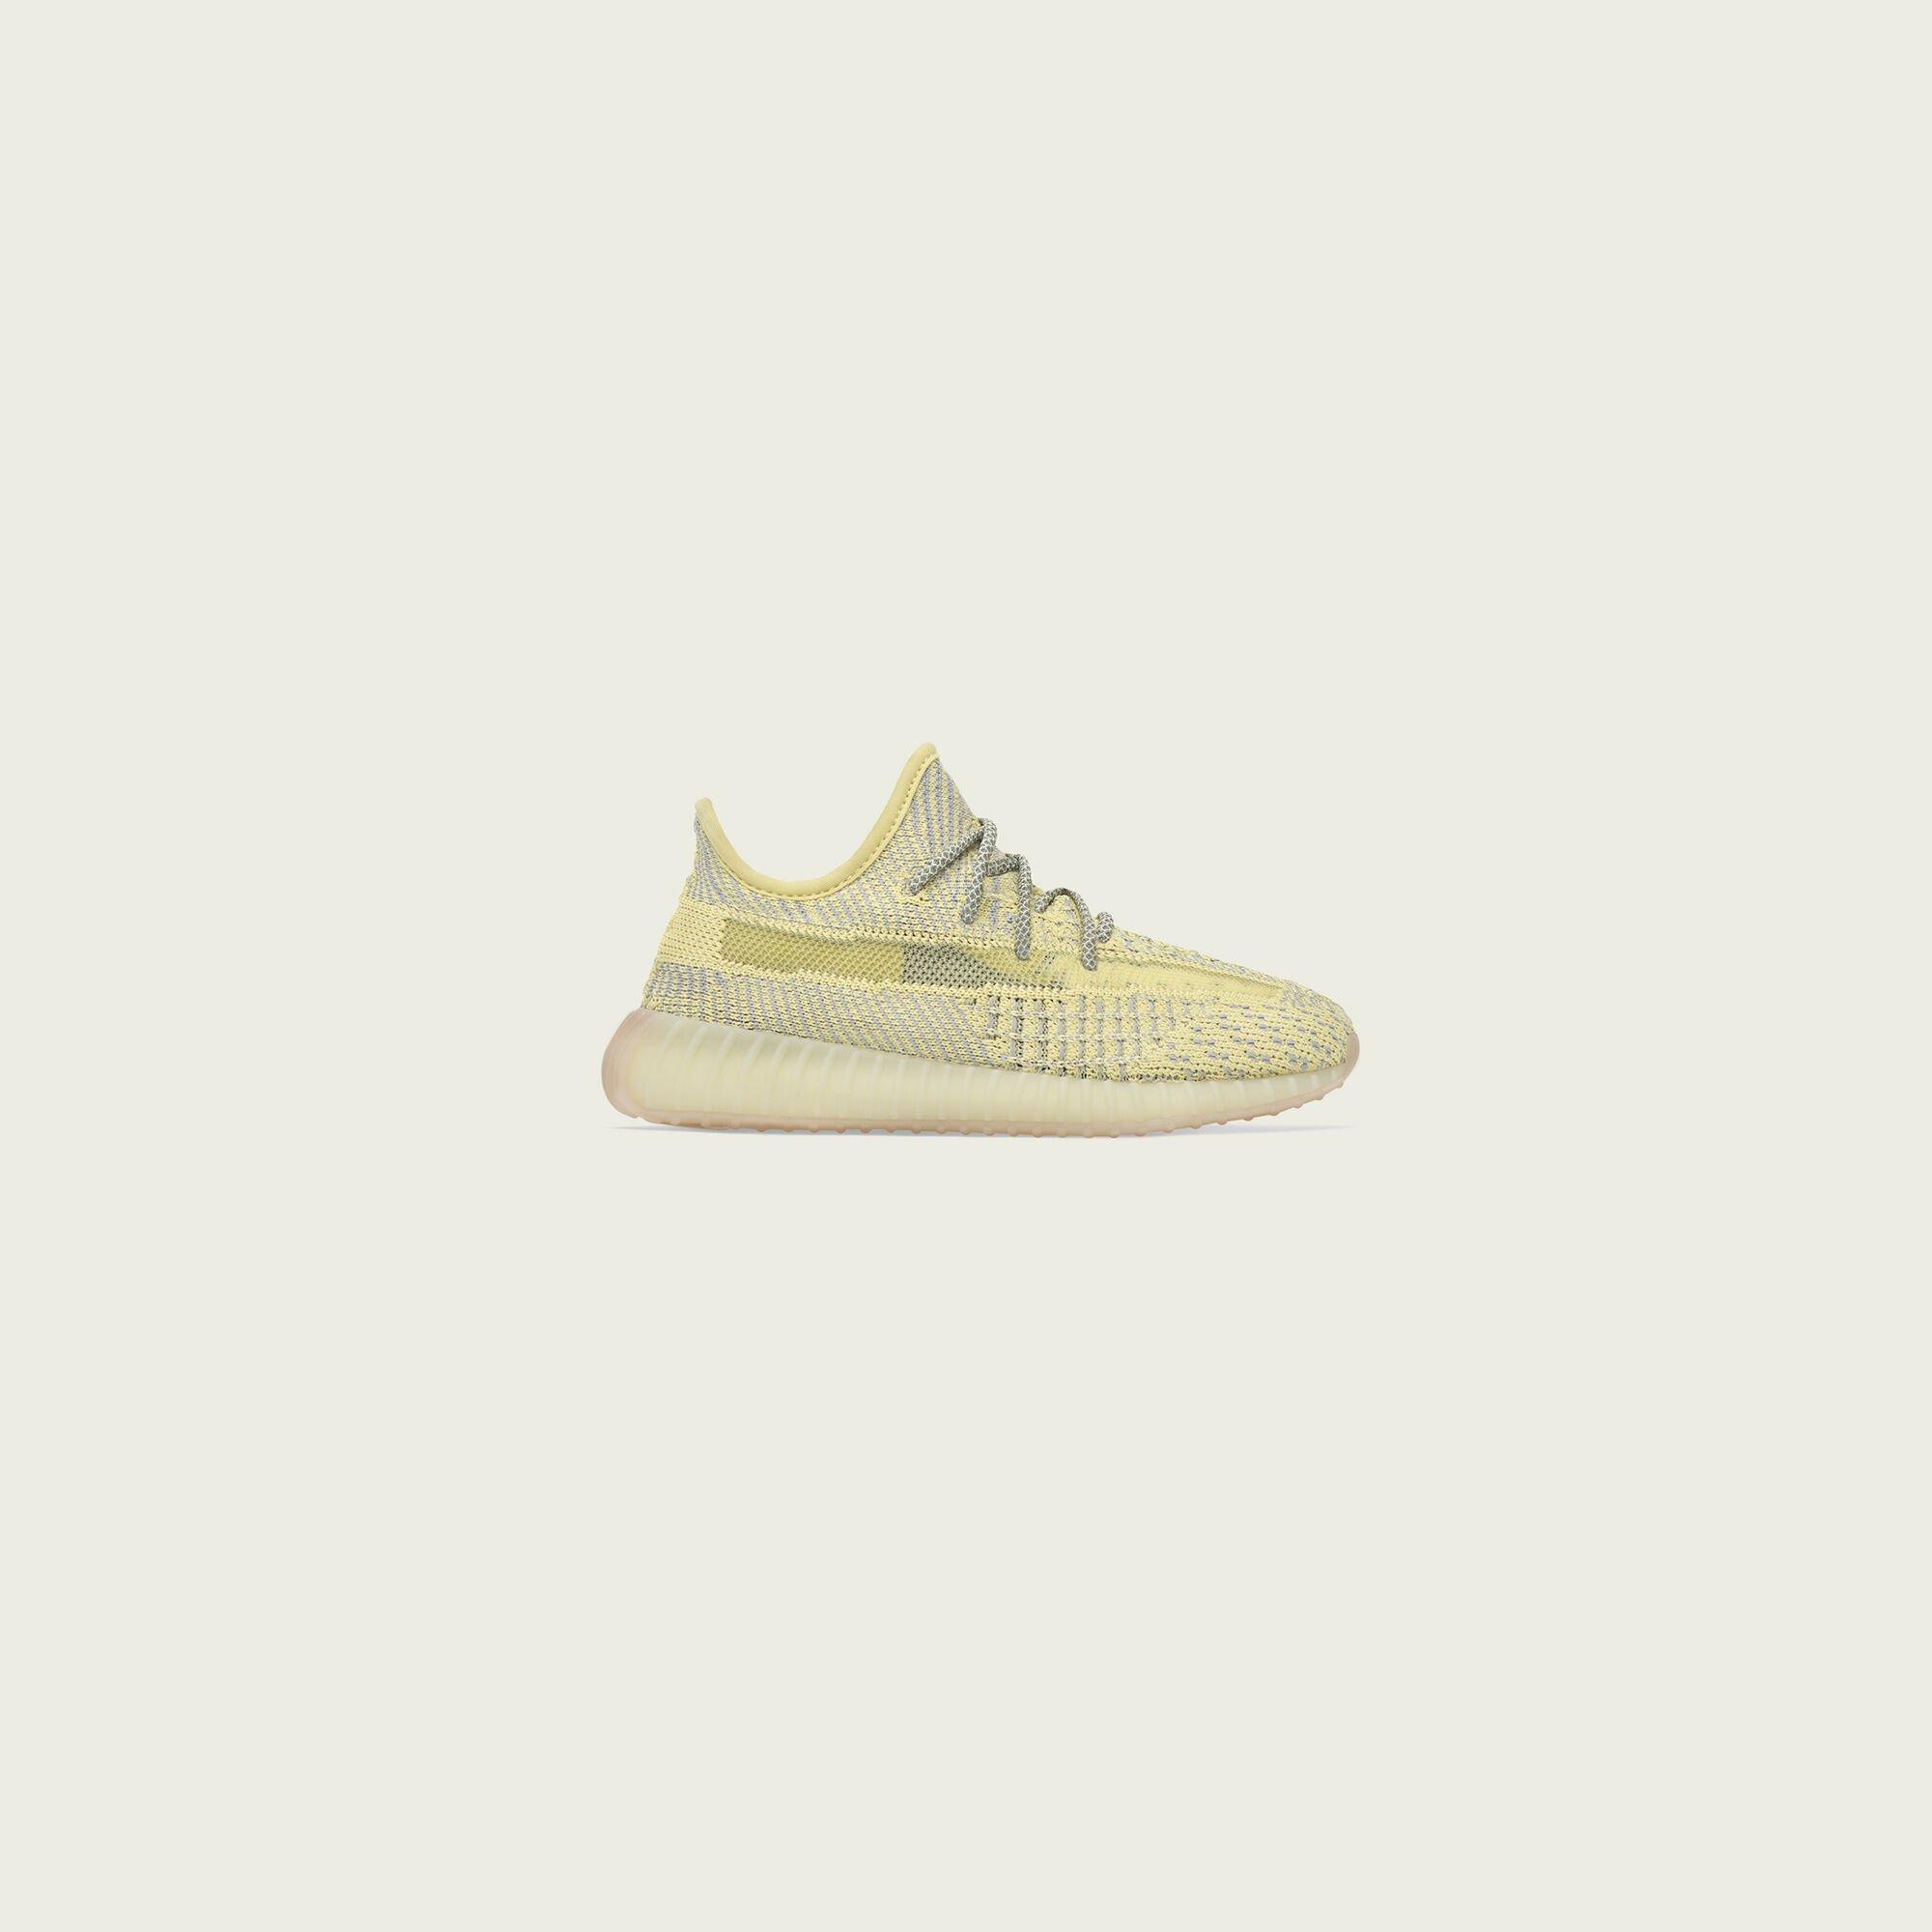 adidas Yeezy Boost 350 V2 Antlia (Kids) (FV3252)